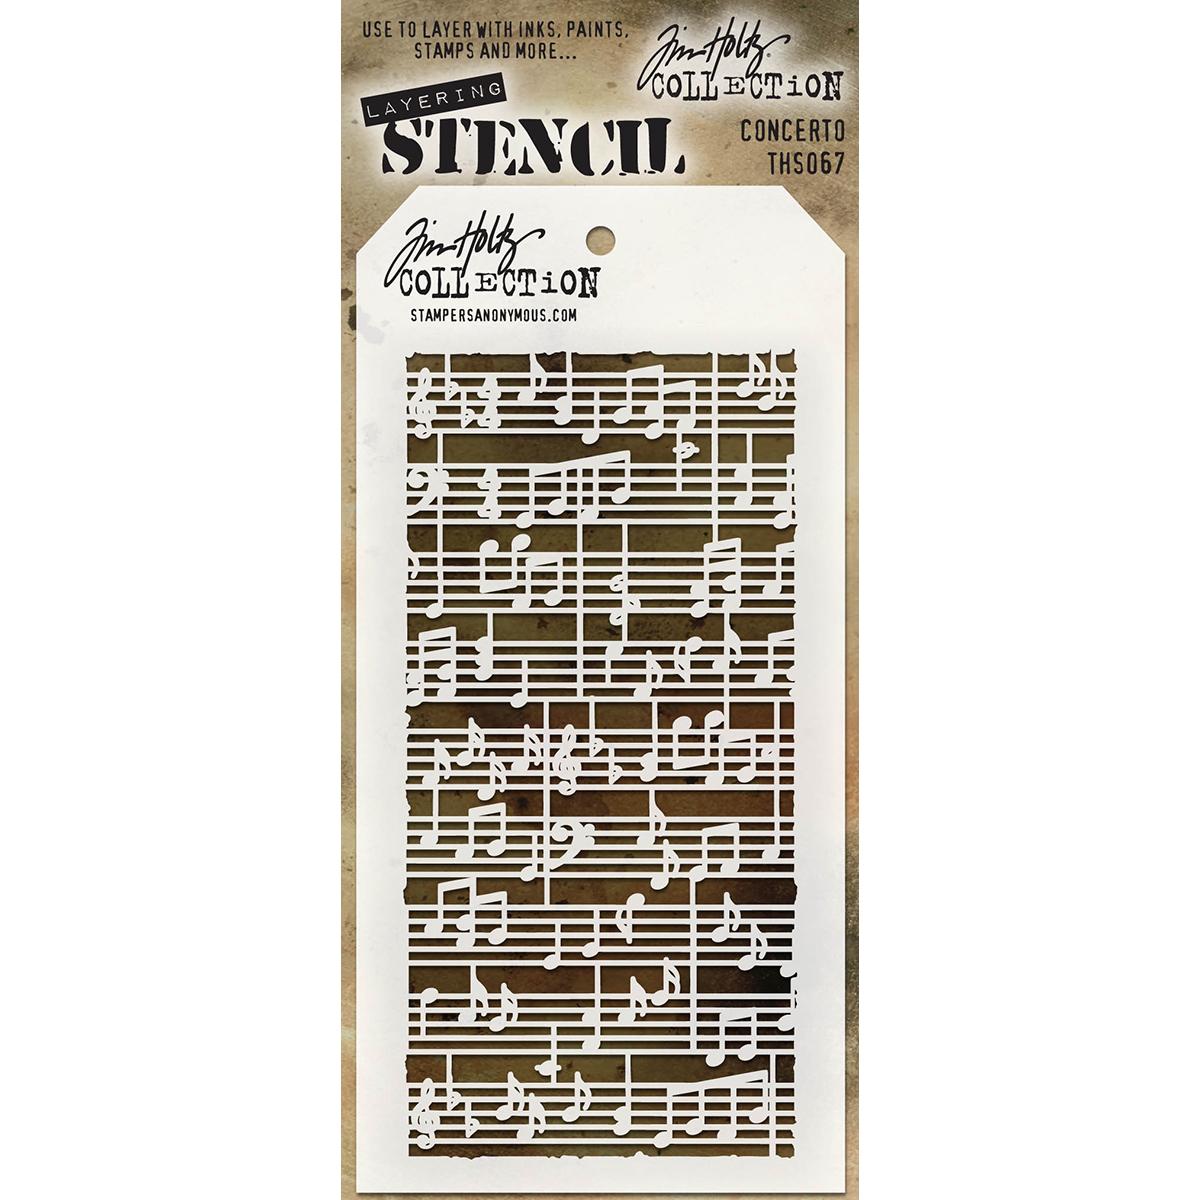 Tim Holtz Layered Stencil 4.125X8.5-Concerto